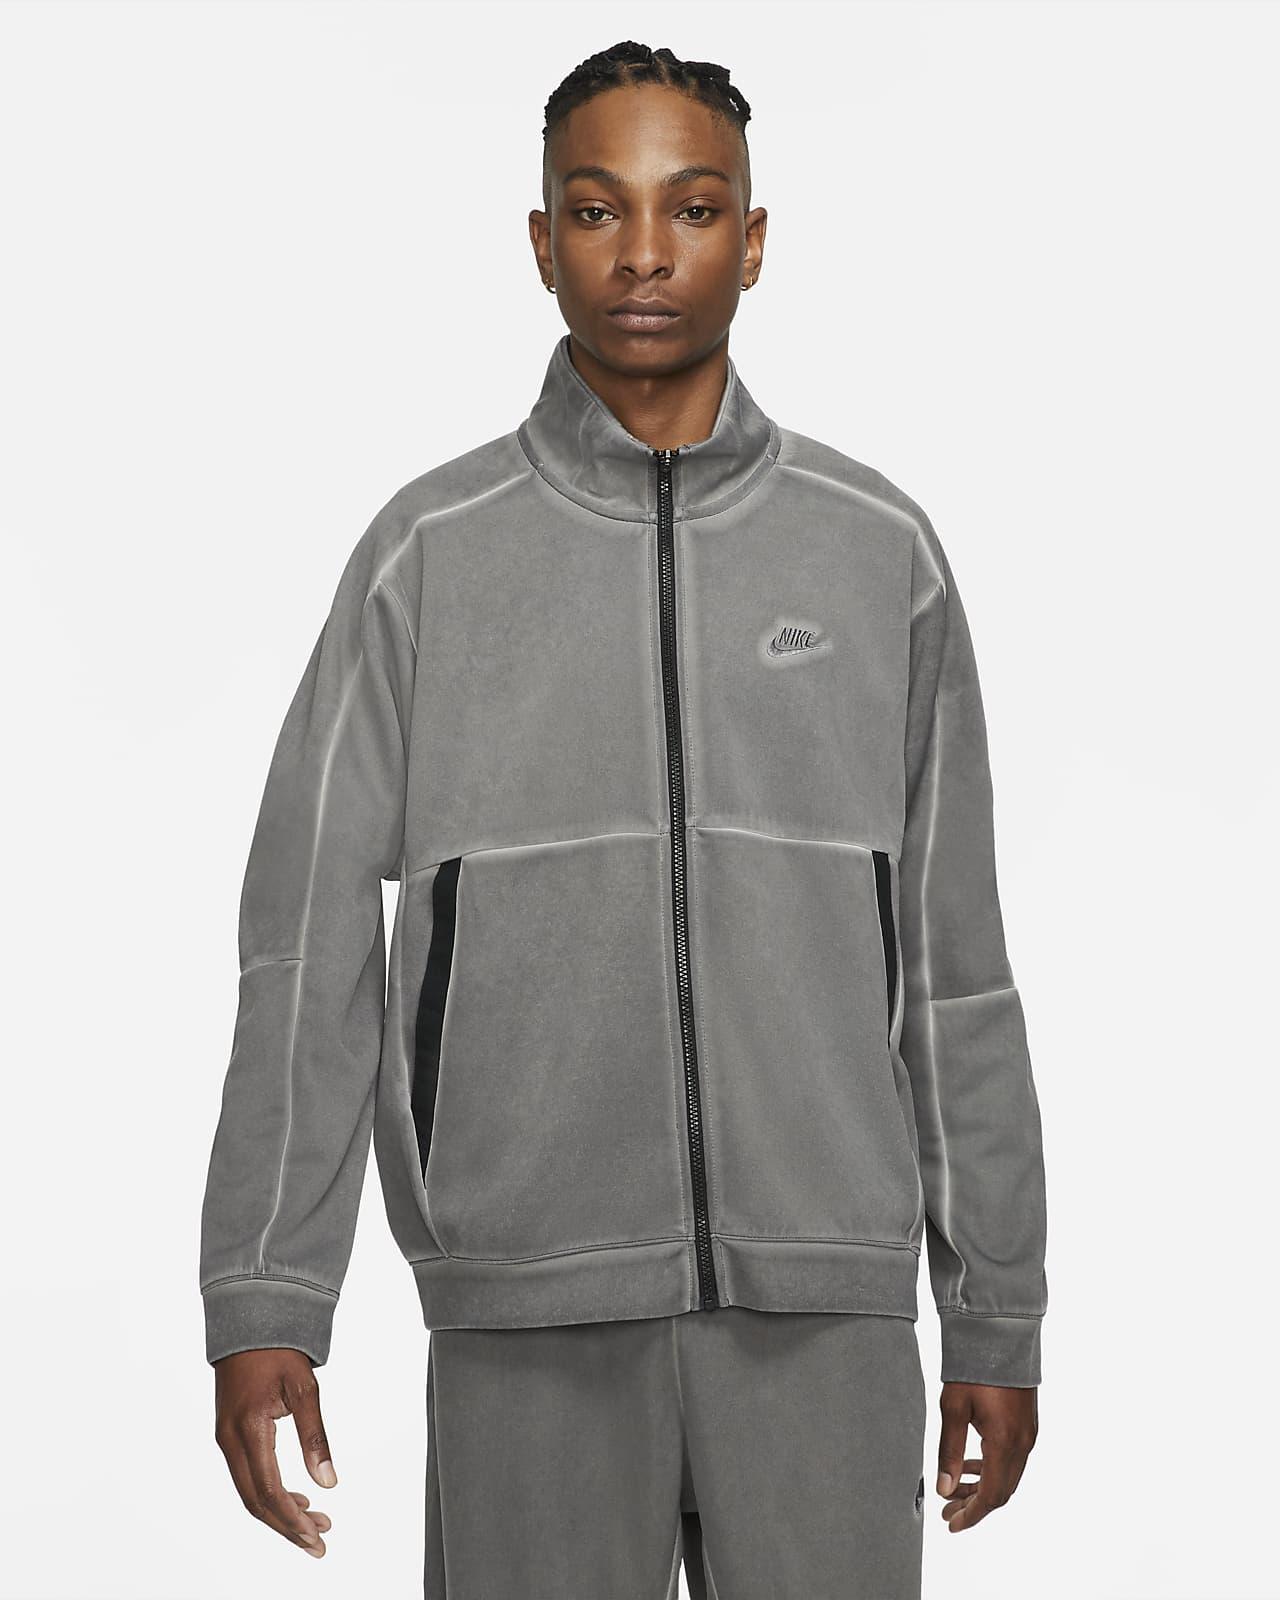 Nike Sportswear Men's Jersey Jacket